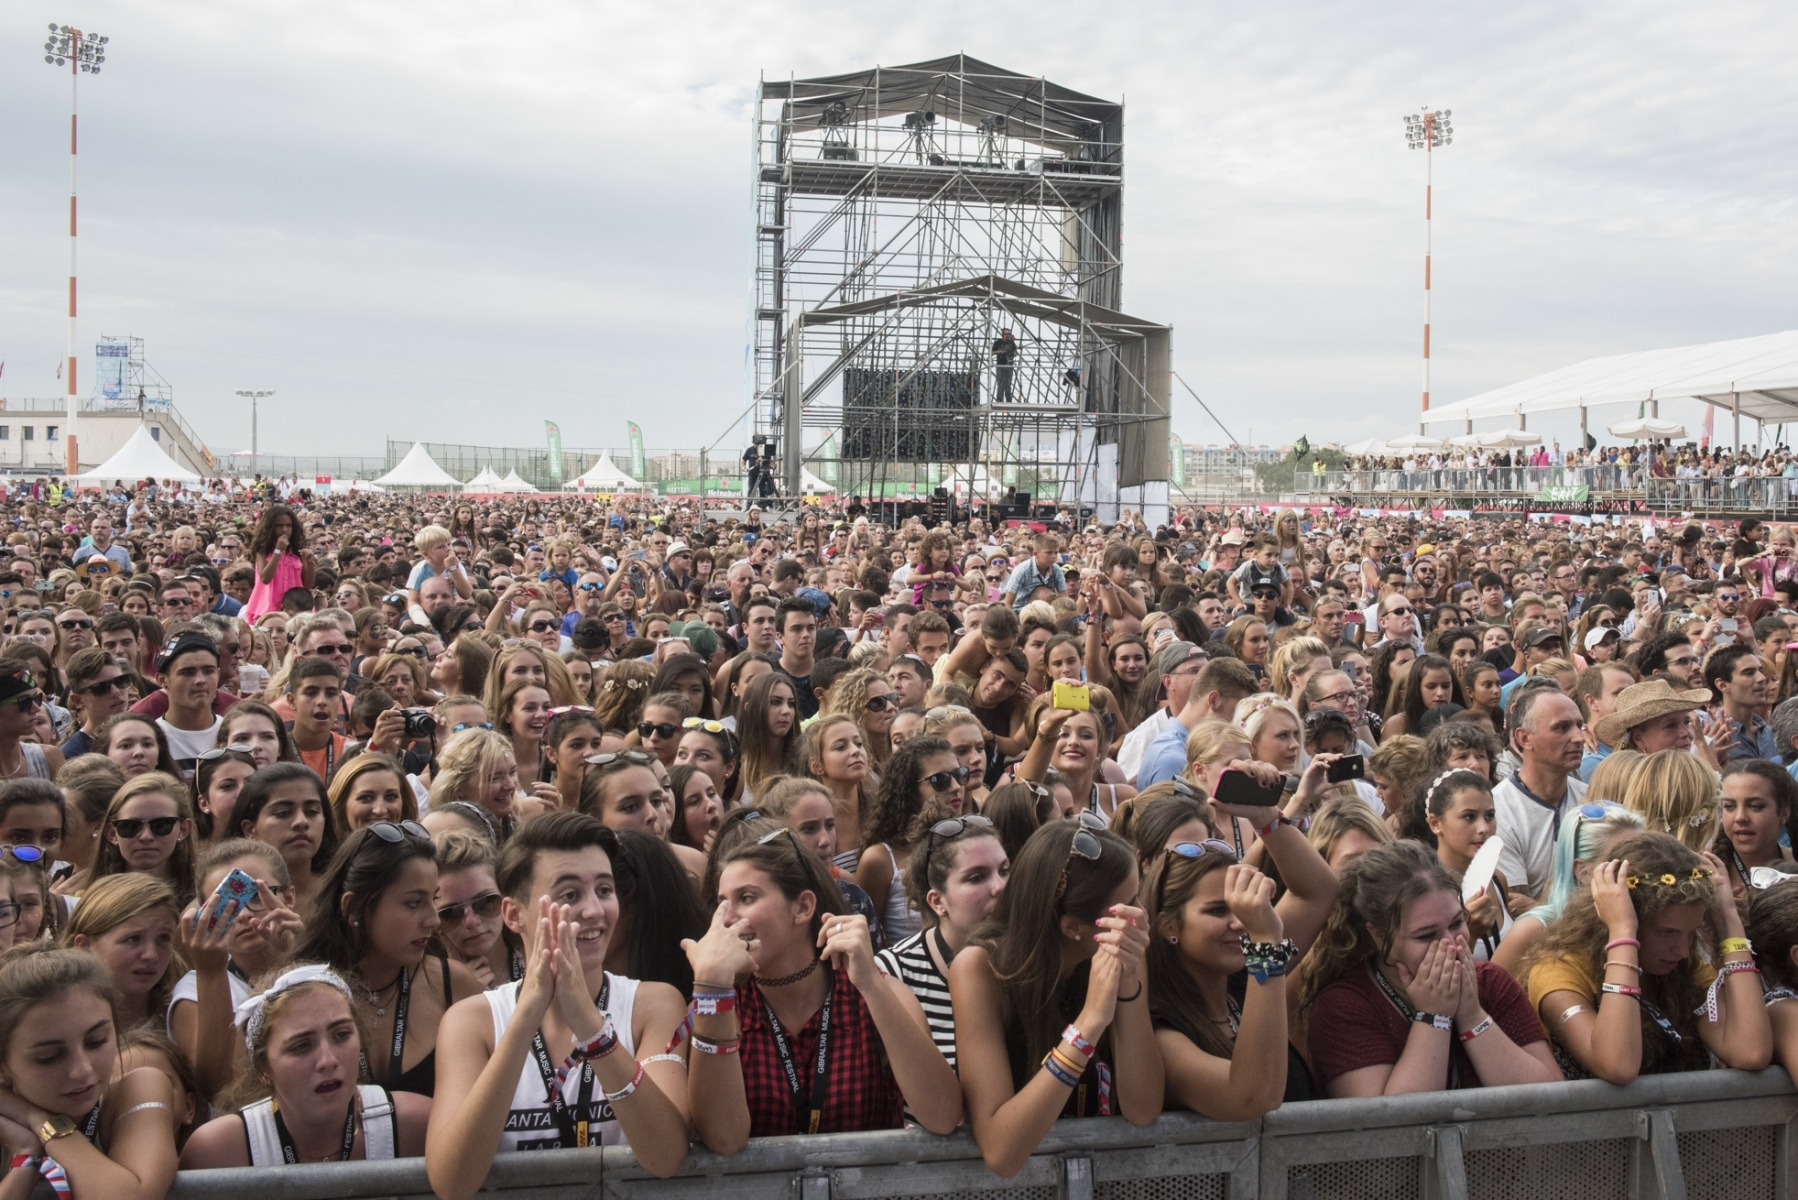 5-septiembre-2015-gibraltar-music-festival-2015-58_20999449128_o